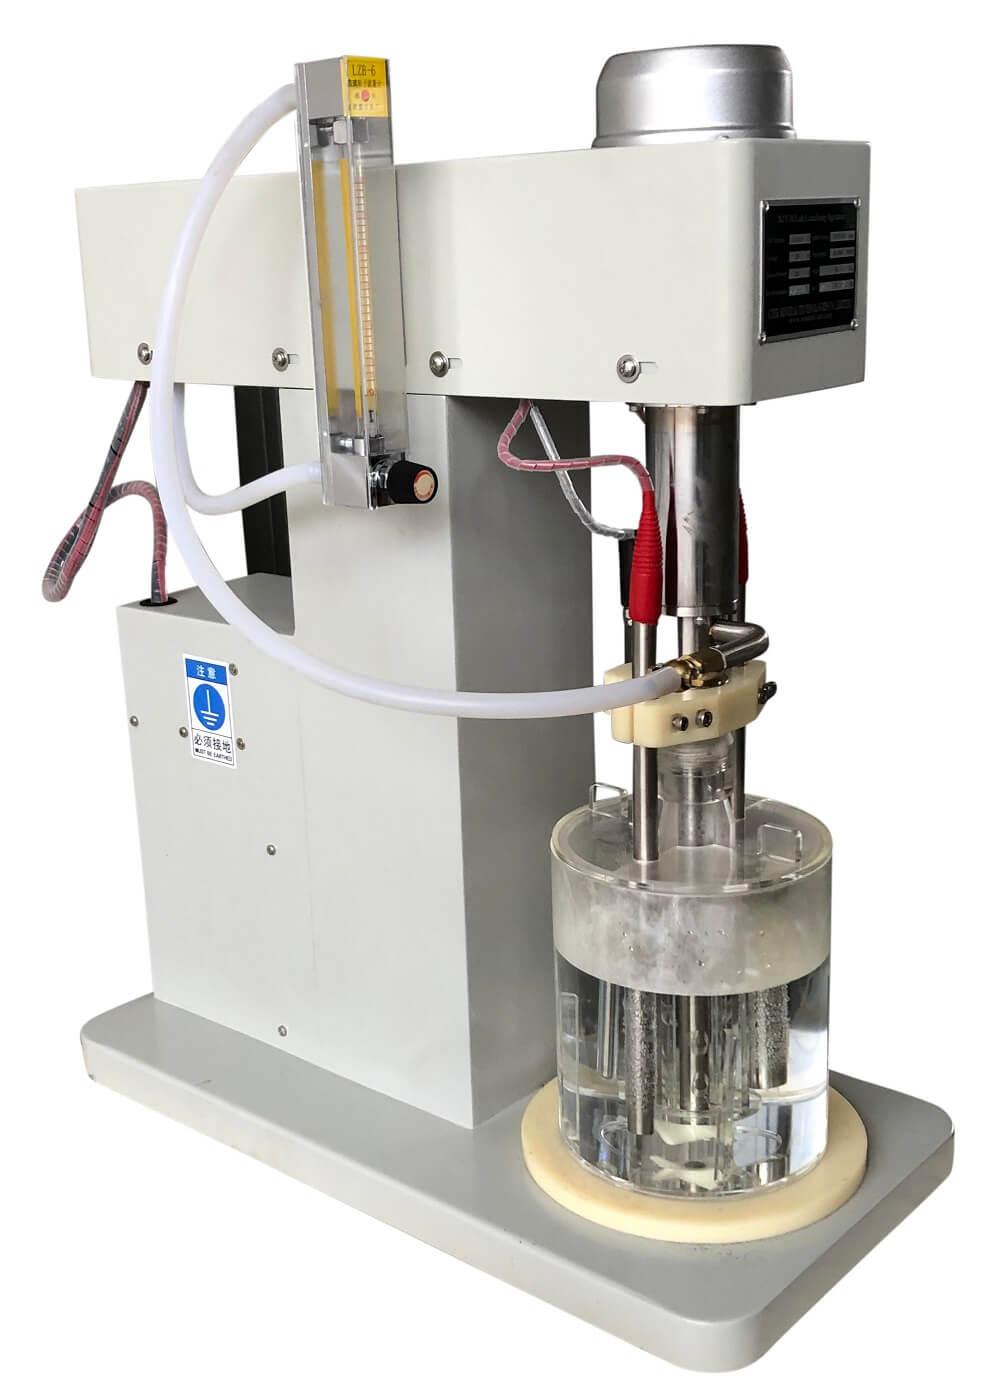 copper leach reactor